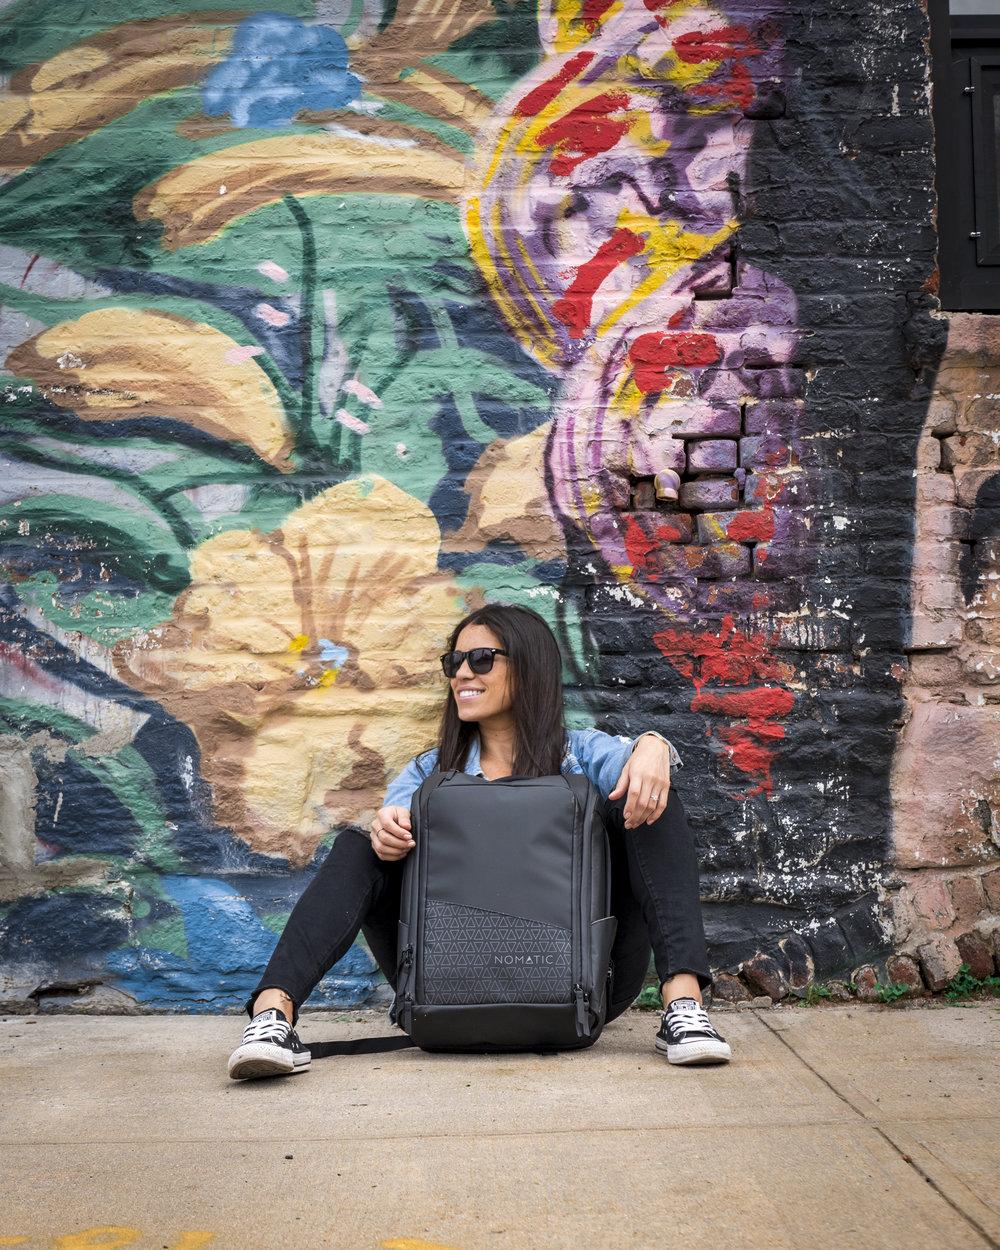 Nomatic20Bag20Graffiti20FINAL.jpg